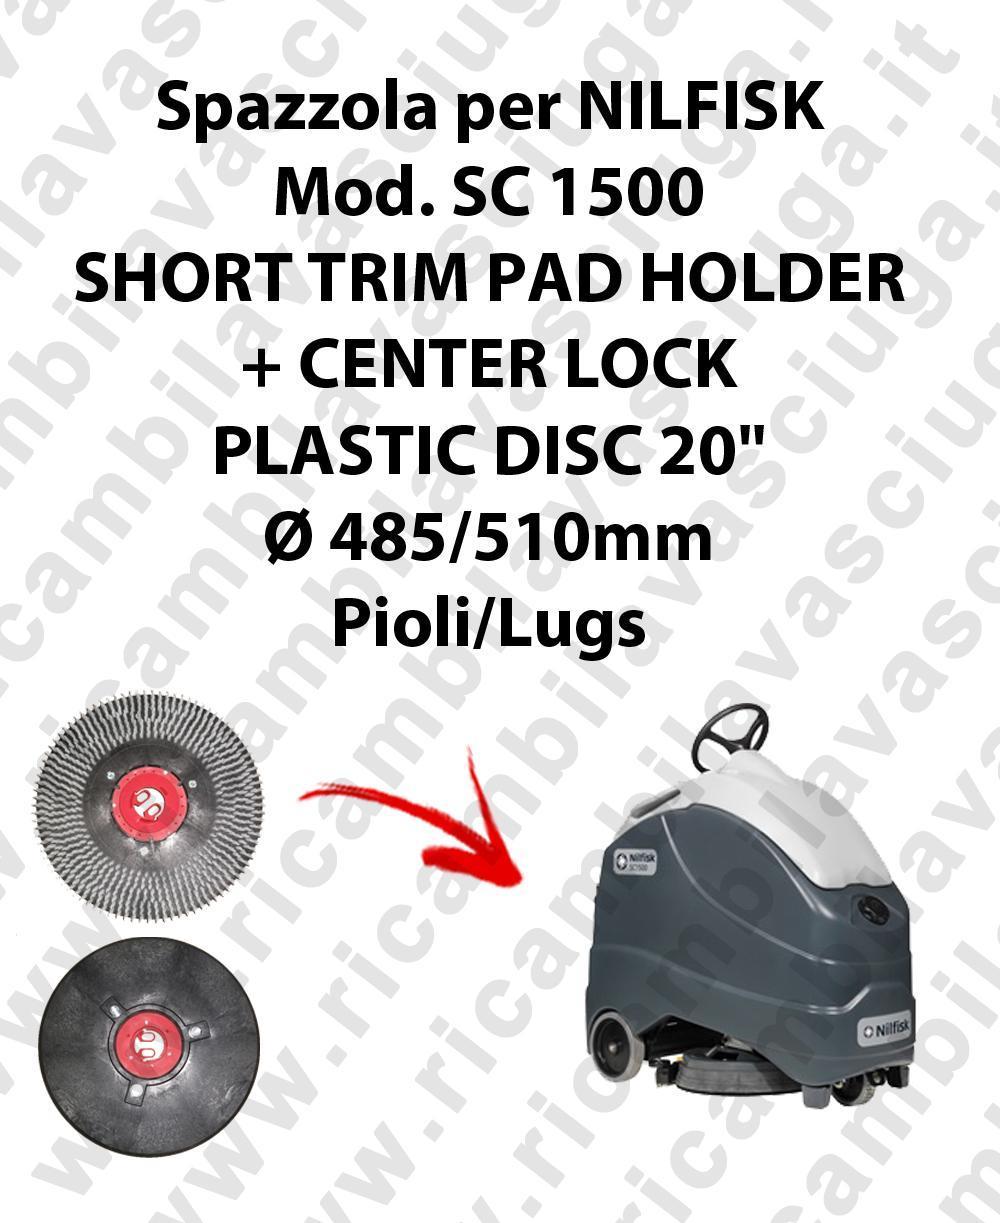 SHORT TRIM PAD HOLDER + CENTERLOCK for scrubber dryer NILFISK mod. SC 1500